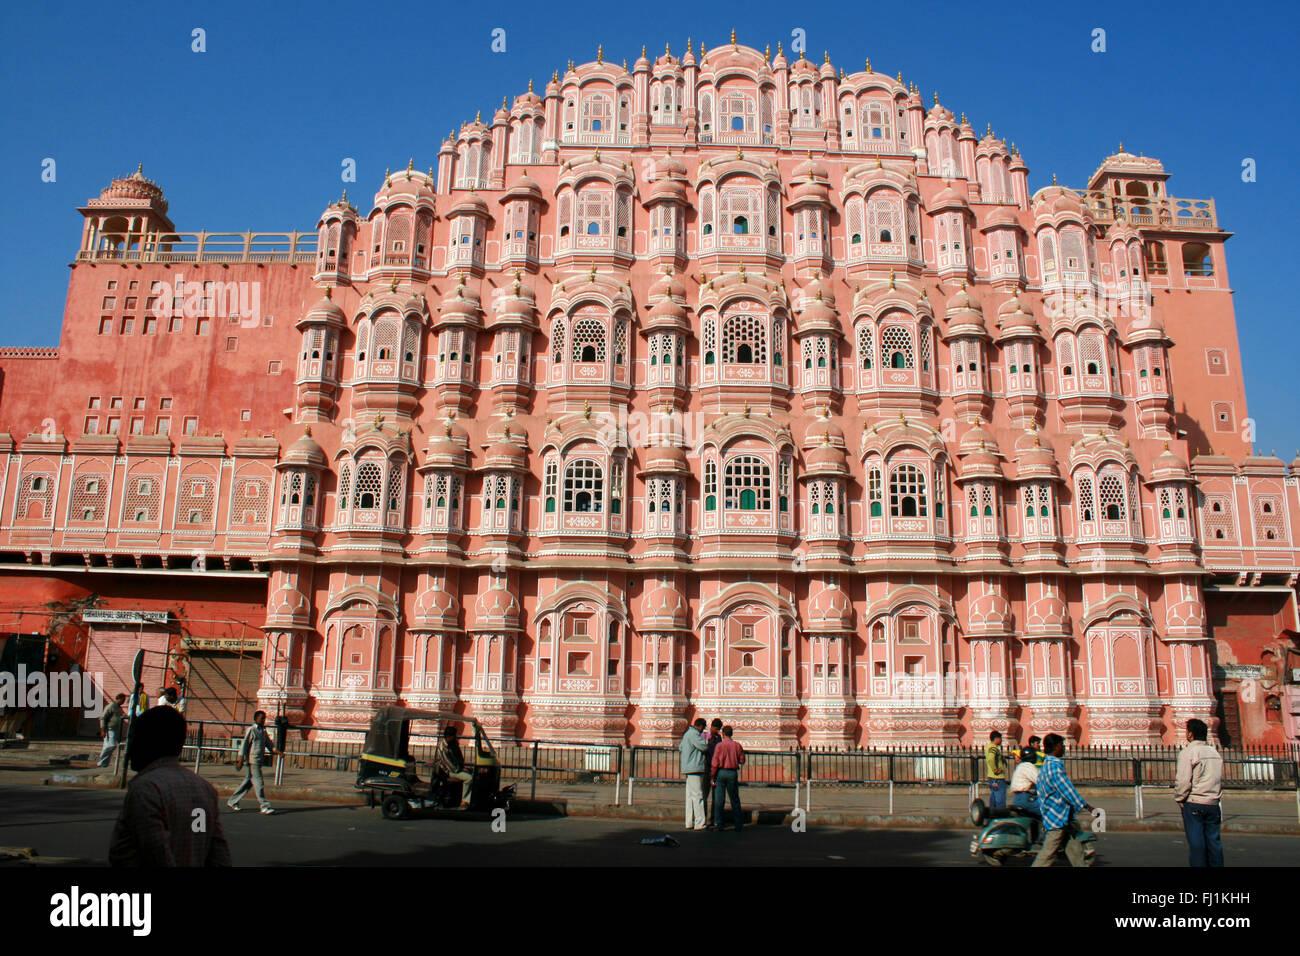 Hawa Mahal (Palace of wind), Jaipur India - Stock Image